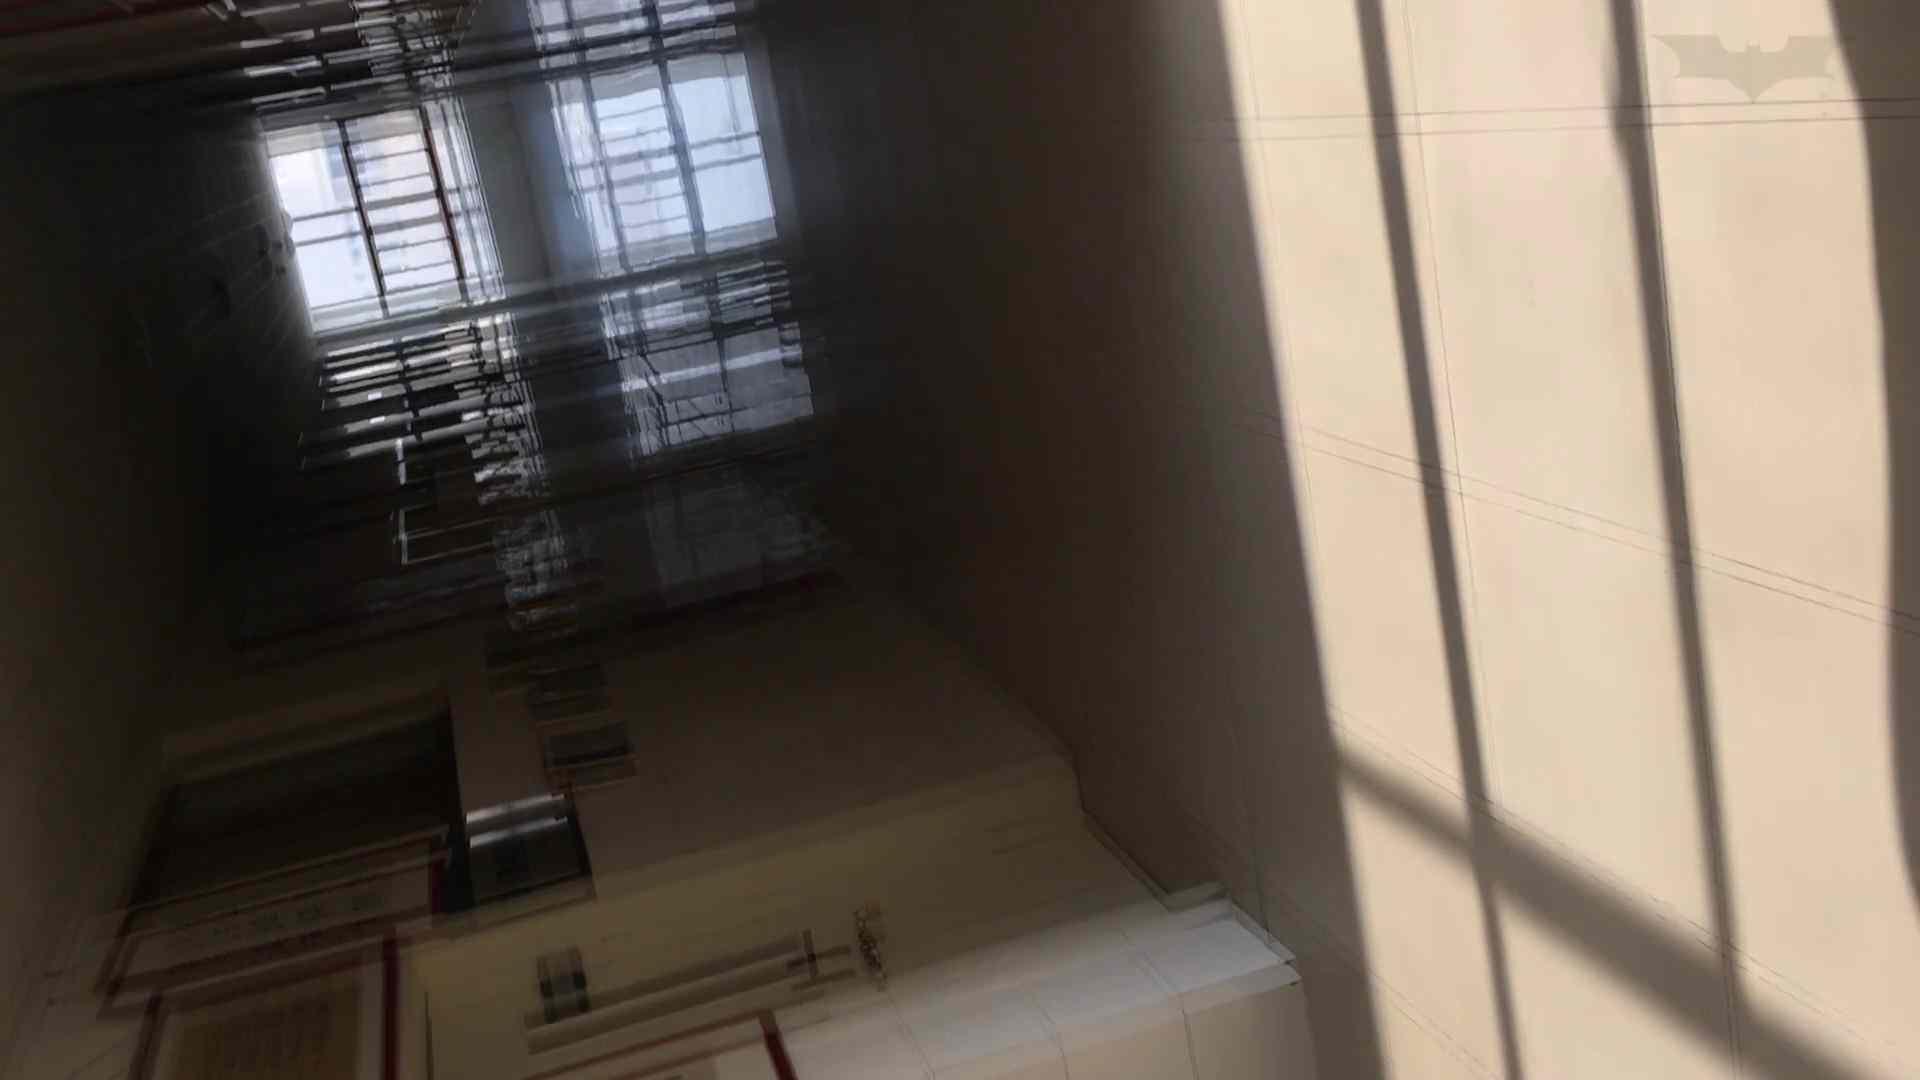 芸術大学ガチ潜入盗撮 JD盗撮 美女の洗面所の秘密 Vol.91 盗撮 | 高画質  97画像 18